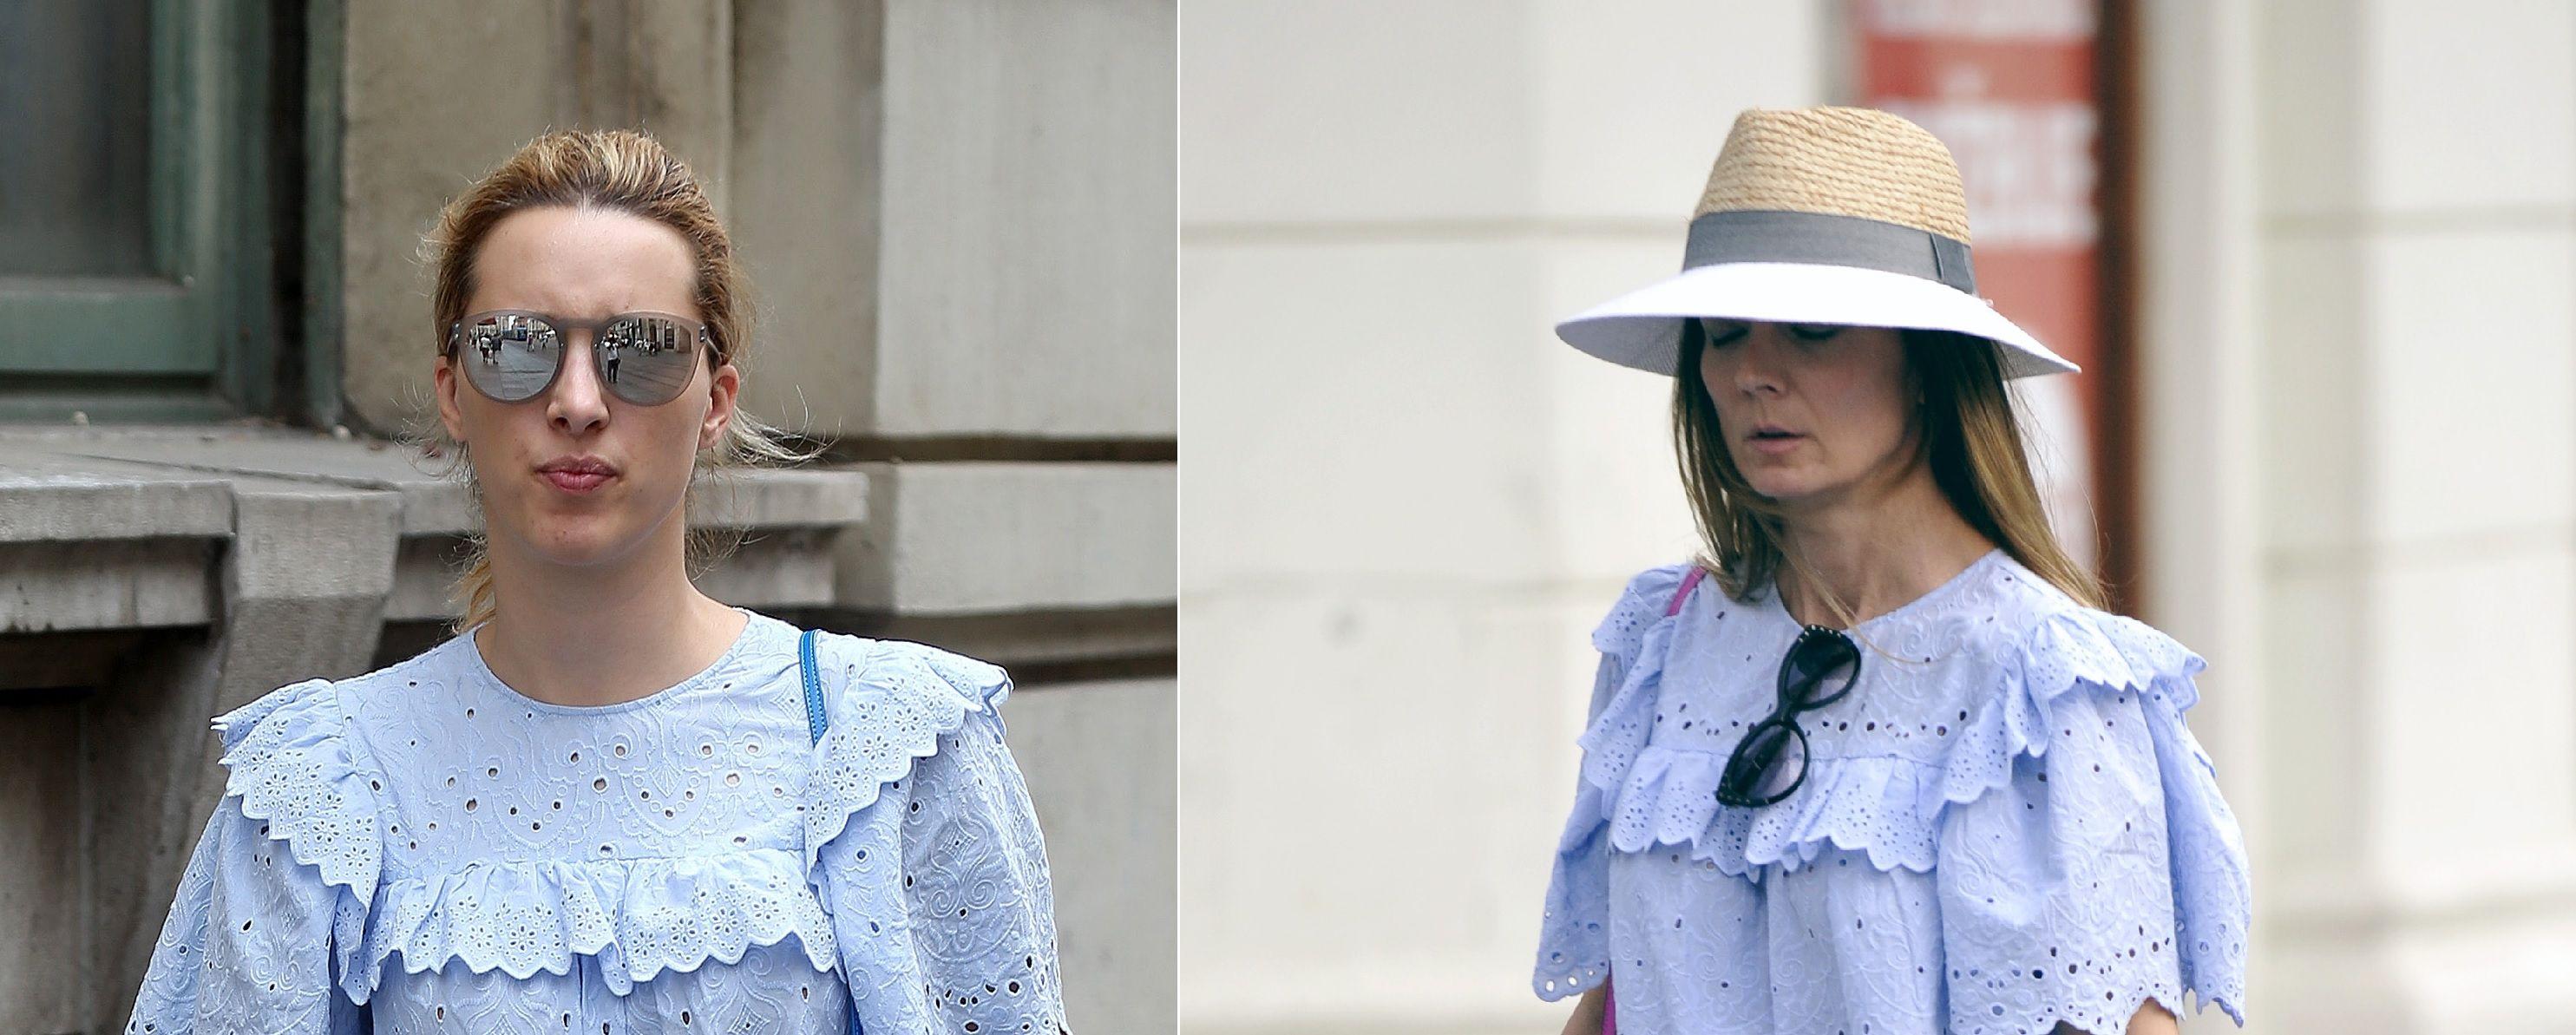 Dvije dame, jedan trend - koja bolje nosi ovu romantičnu i trendi haljinu?